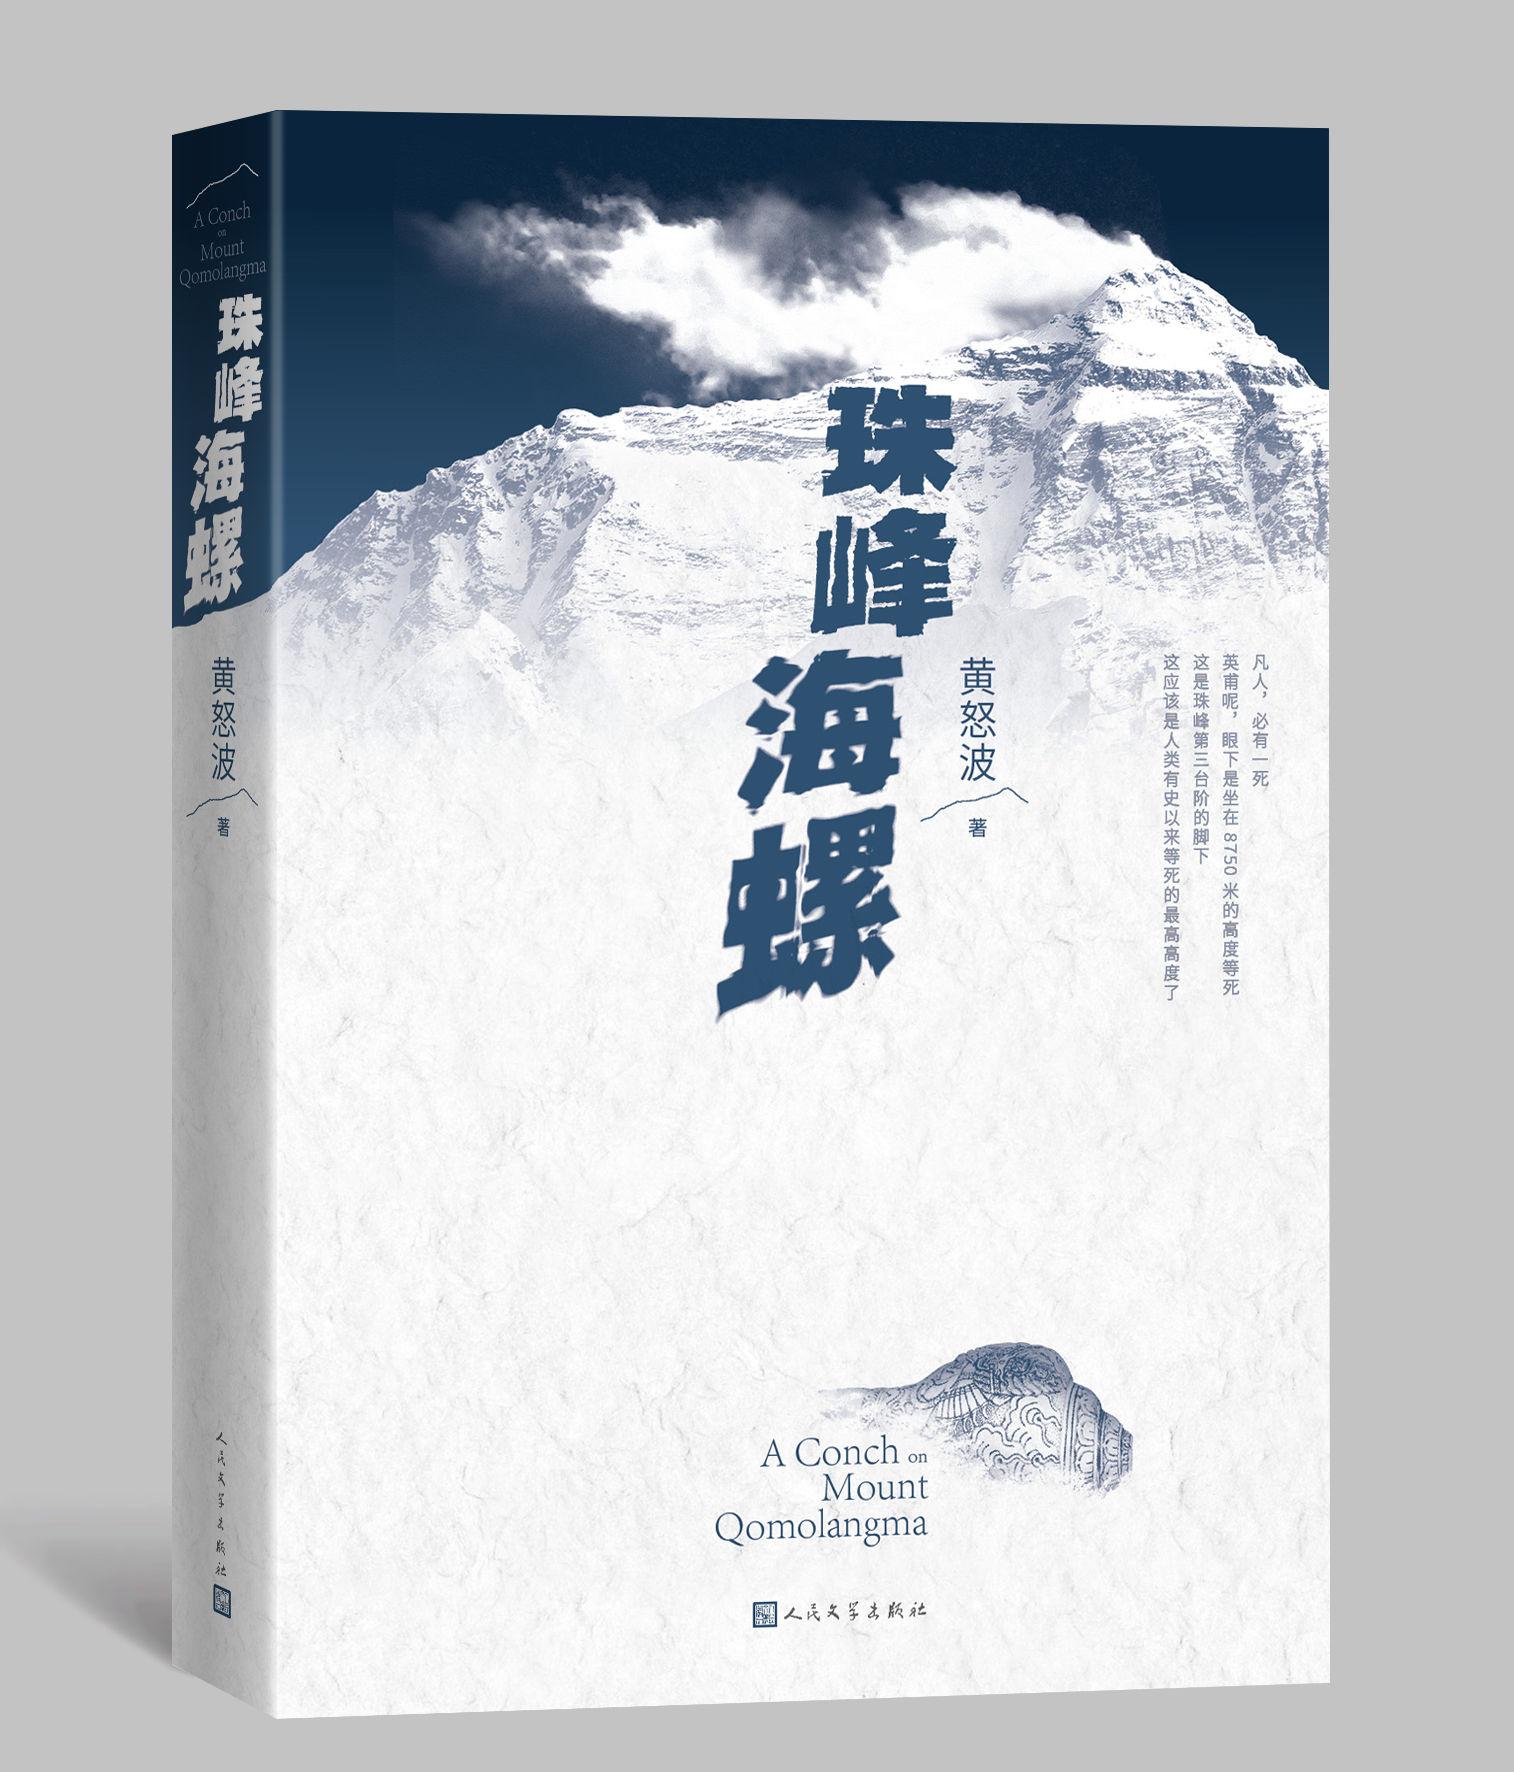 黄怒波长篇小说《珠峰海螺》出版,十年磨砺致敬珠峰新高度